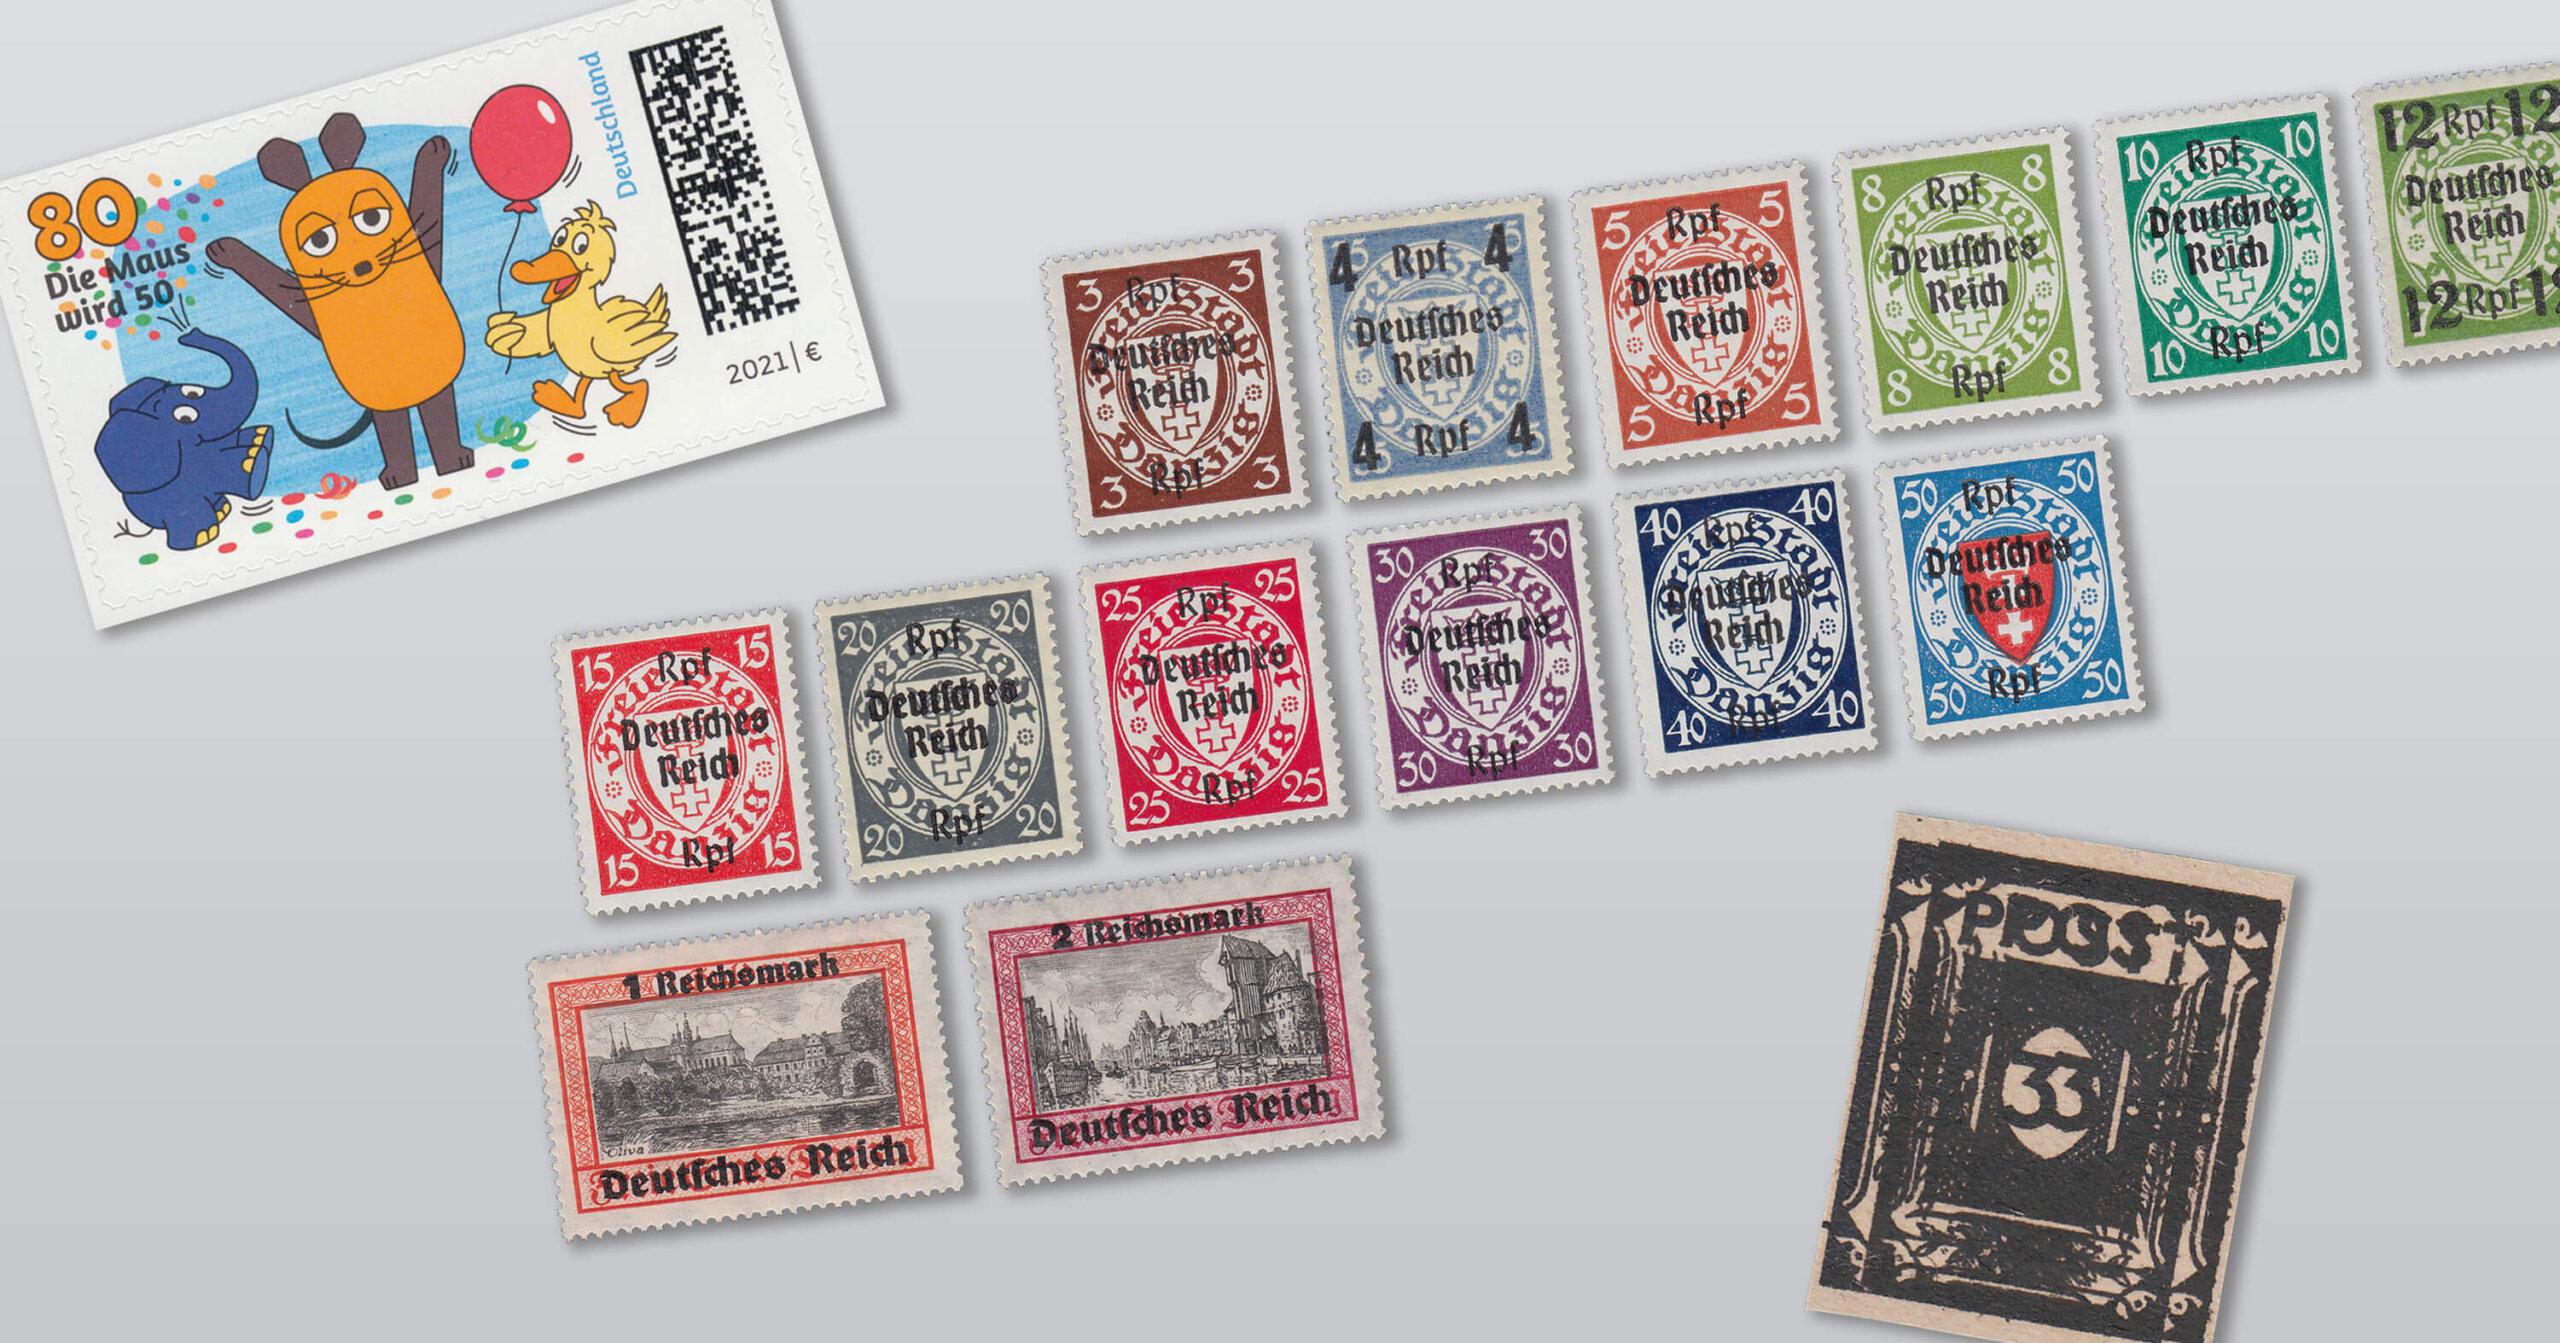 Zeitlose Welt der Briefmarken 6/2021